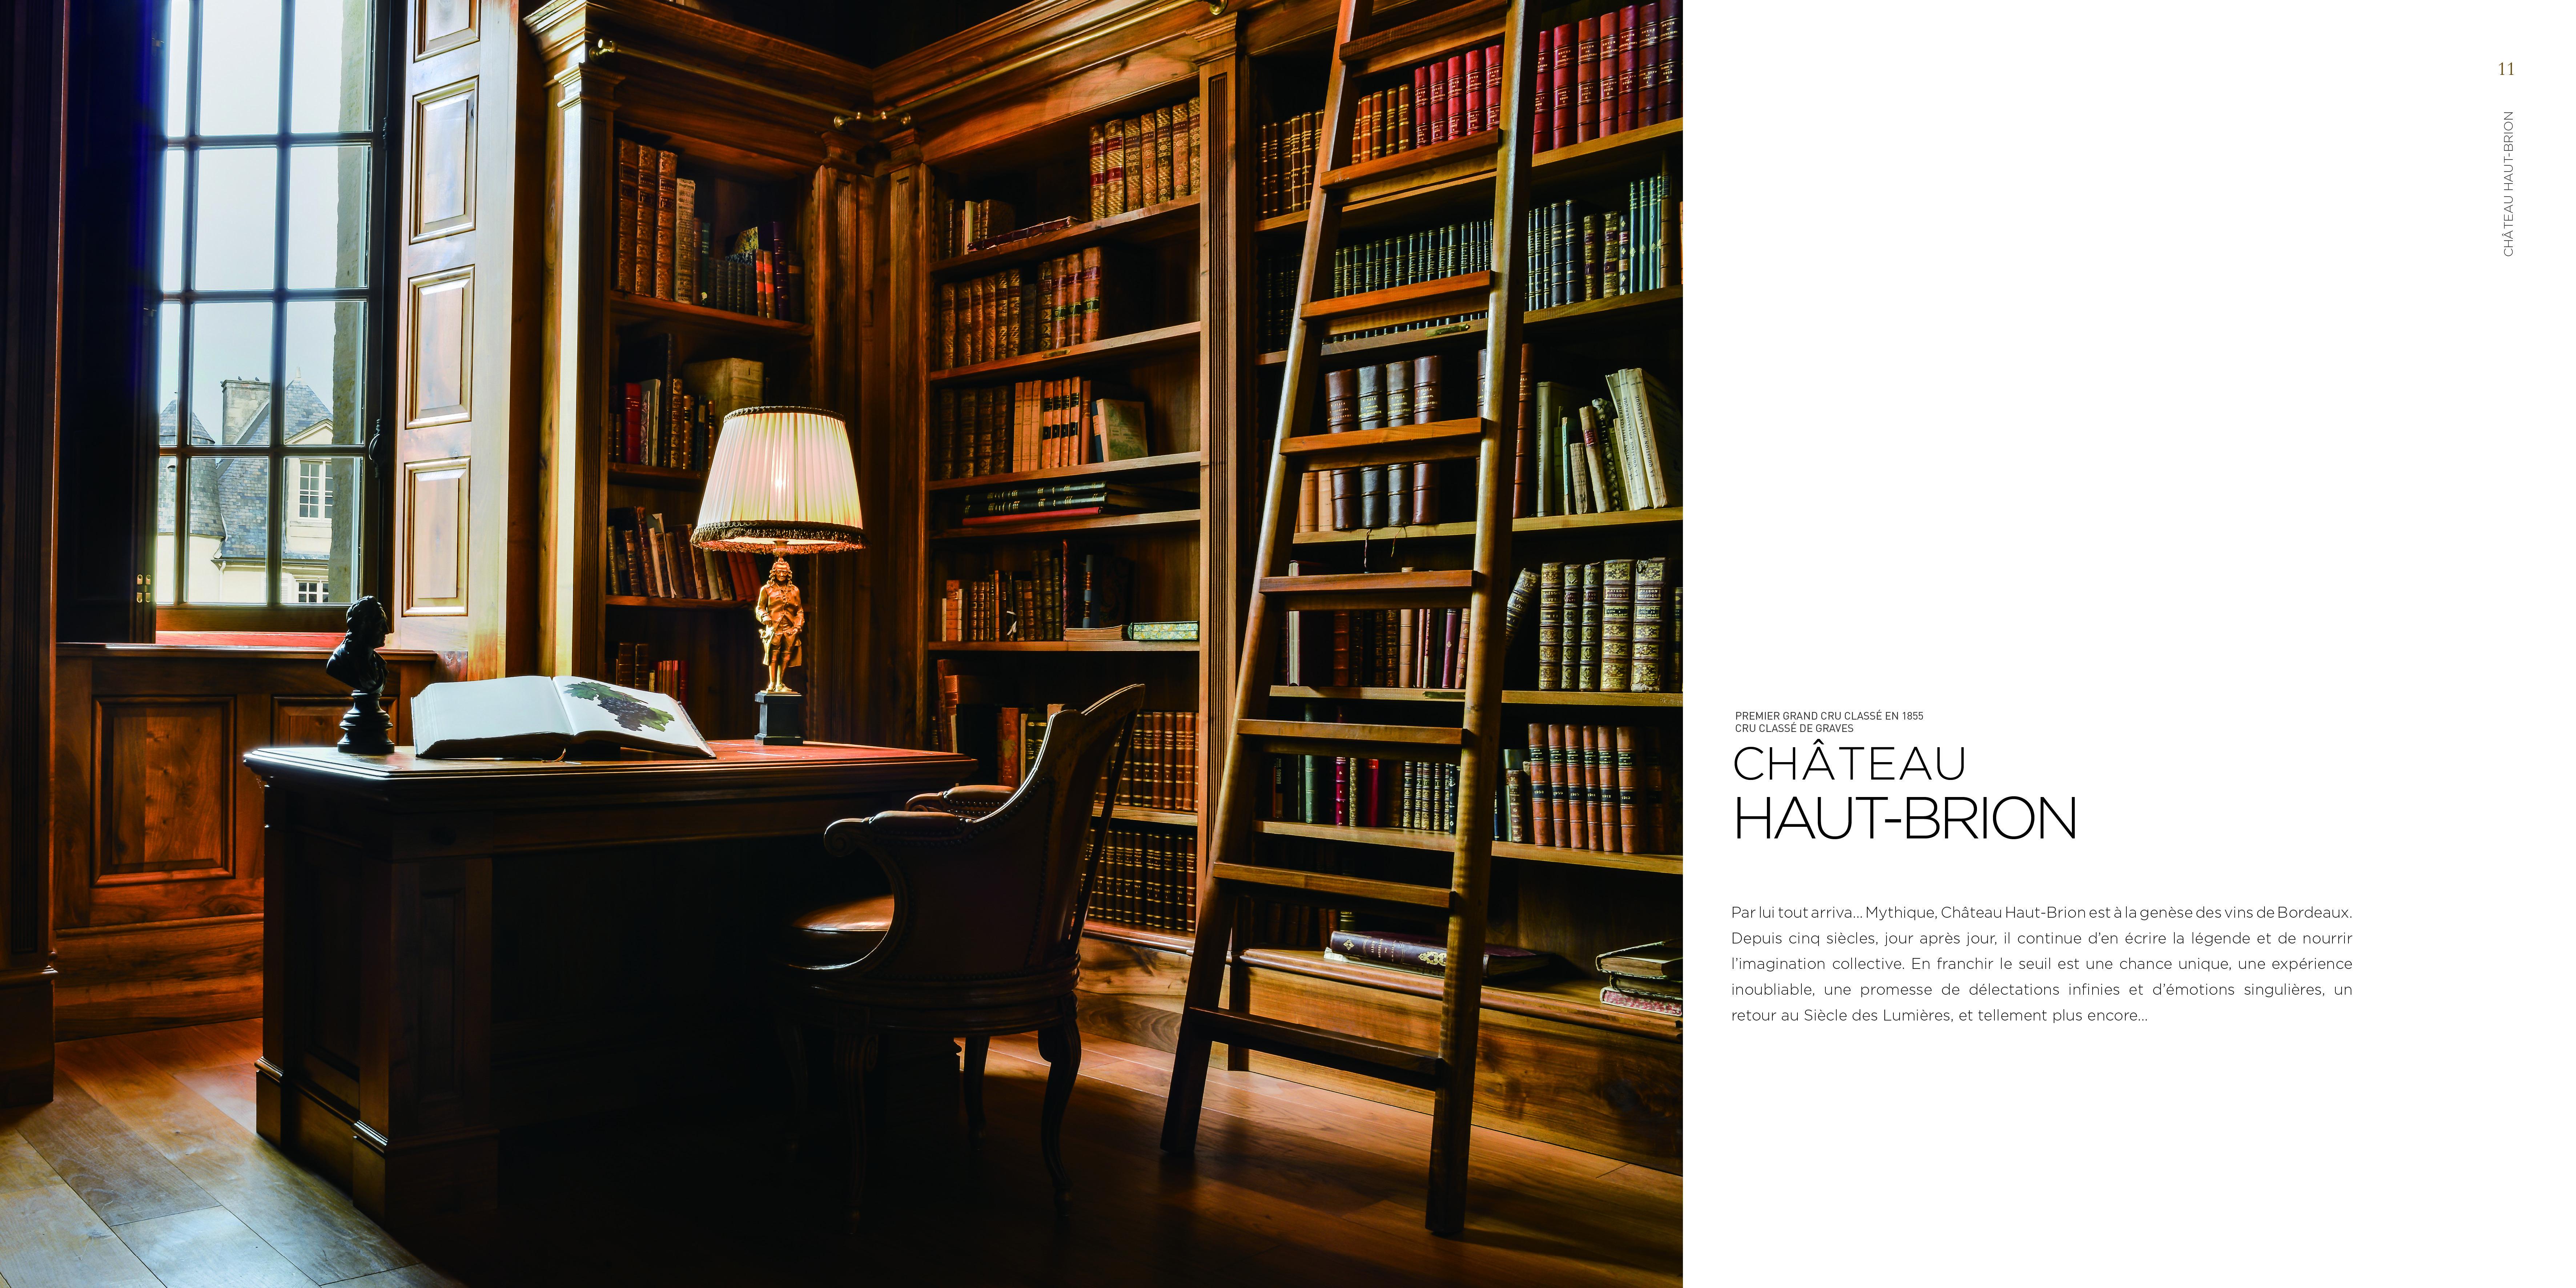 Bordeaux-Collection-Pessac-Leognan-extrait-HBrion.jpg (7087×3544)